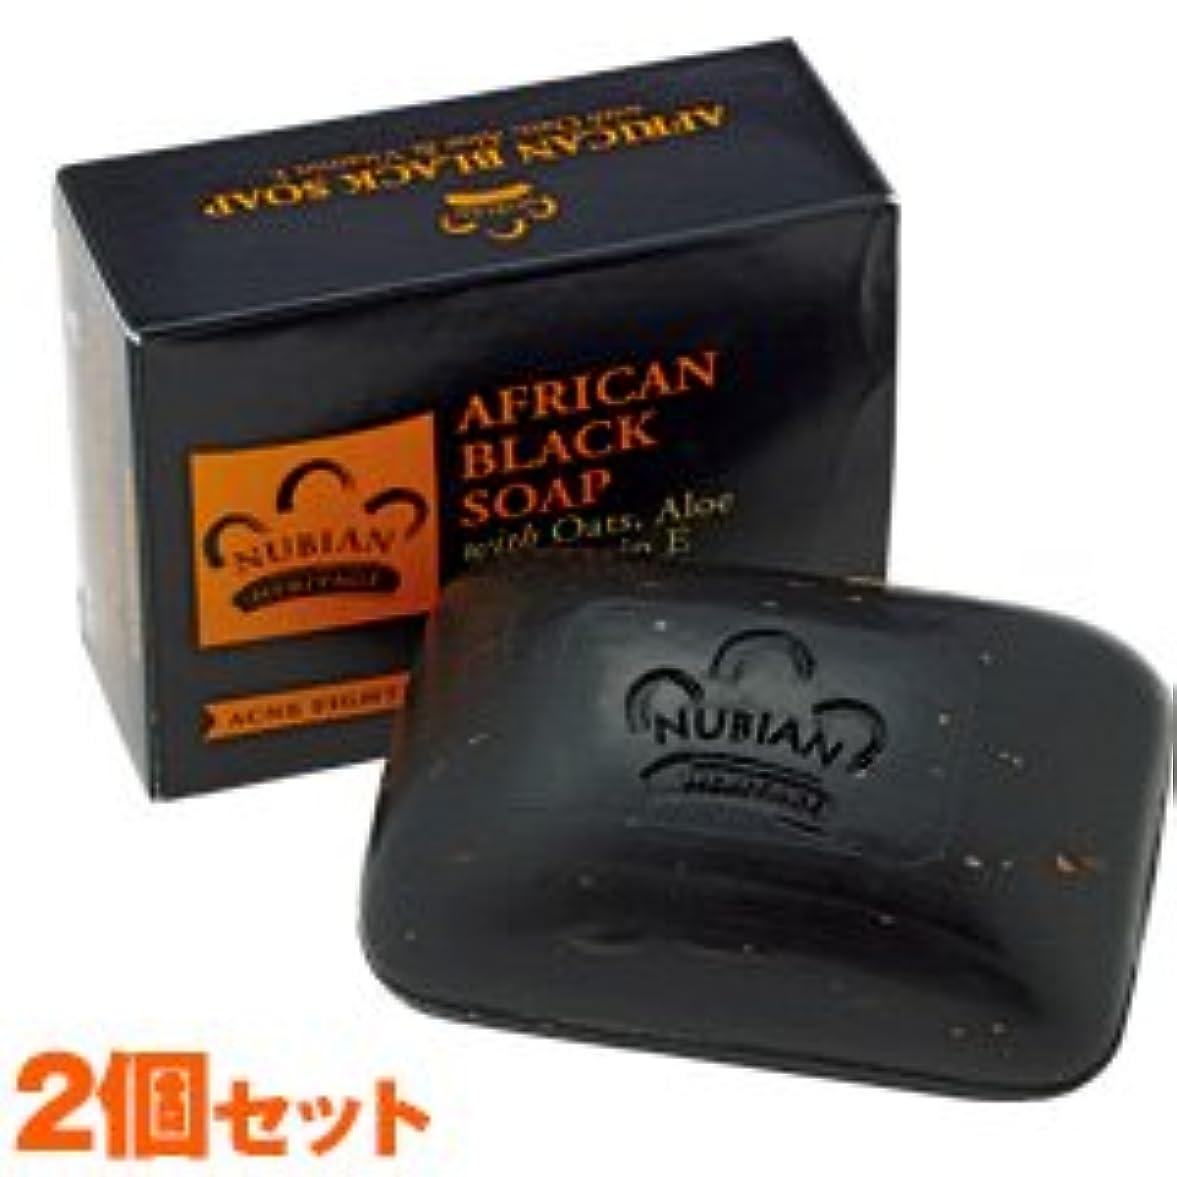 やけど雰囲気ゆりかごヌビアン ヘリテージ(NUBIAN HERITAGE)アフリカン ブラック ソープバー 2個セット 141gX2[並行輸入品][海外直送品]